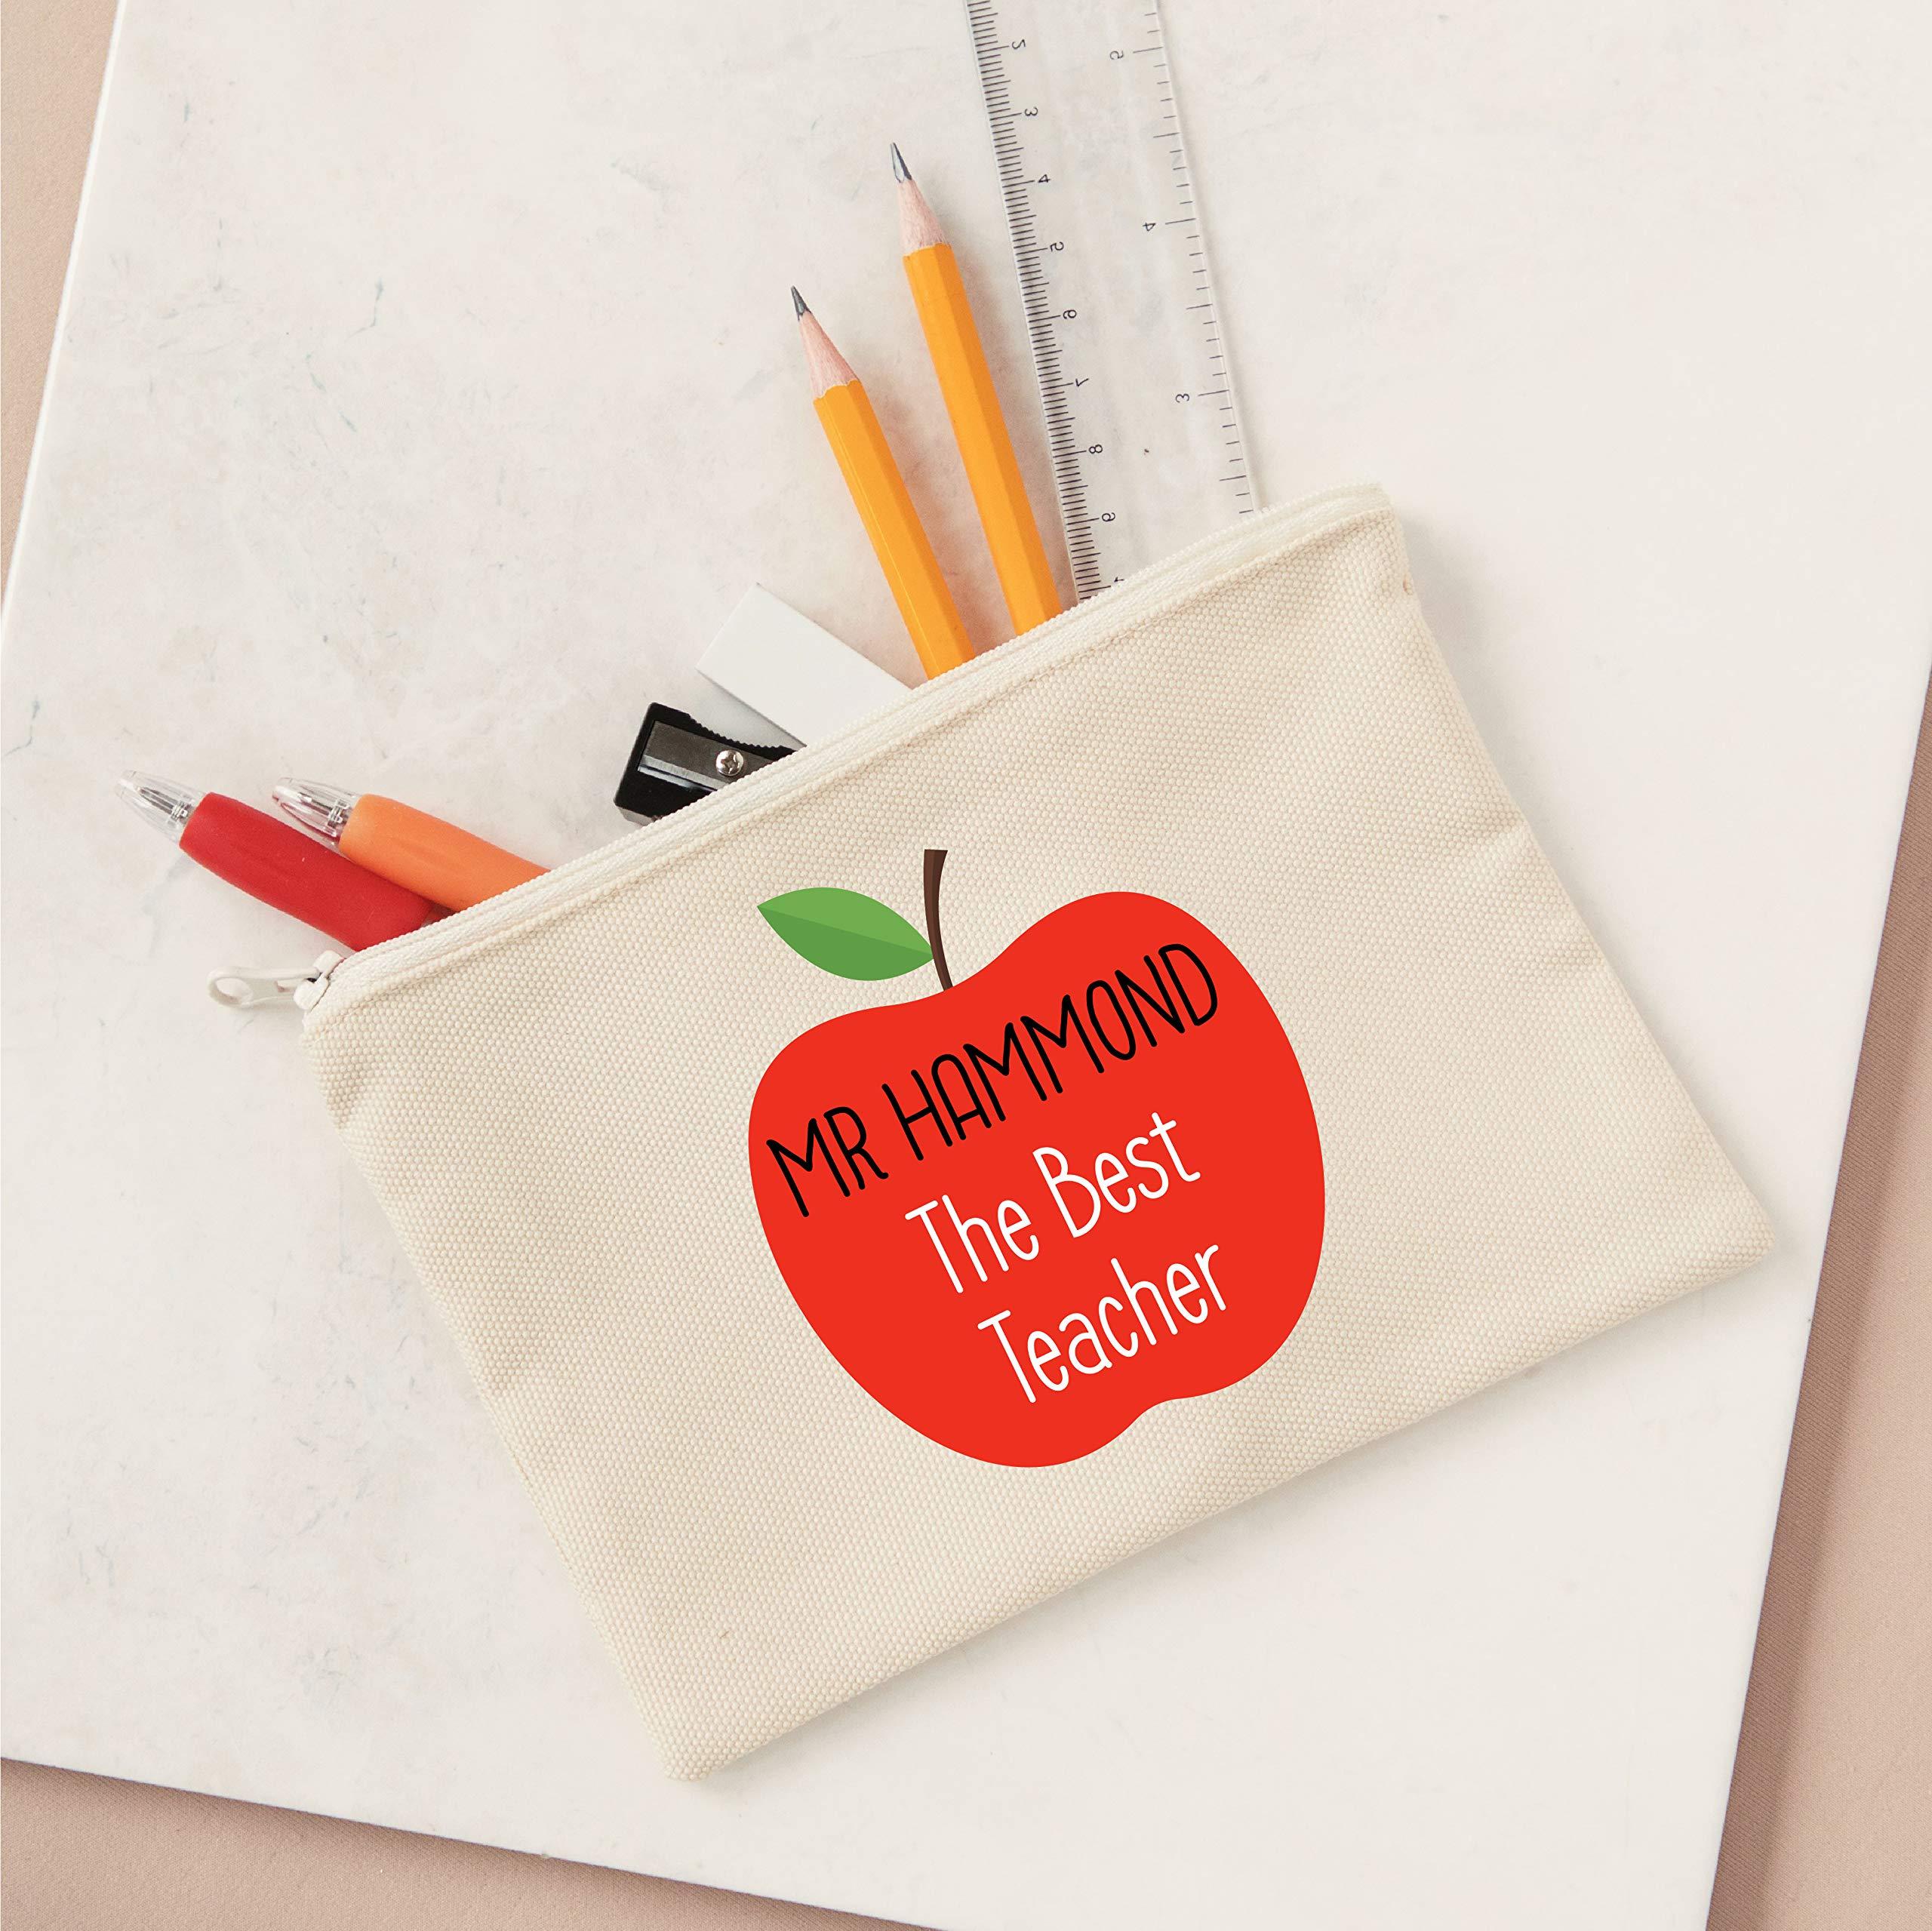 Estuche personalizado para lápices de estilo lona con el mejor profesor: Amazon.es: Oficina y papelería